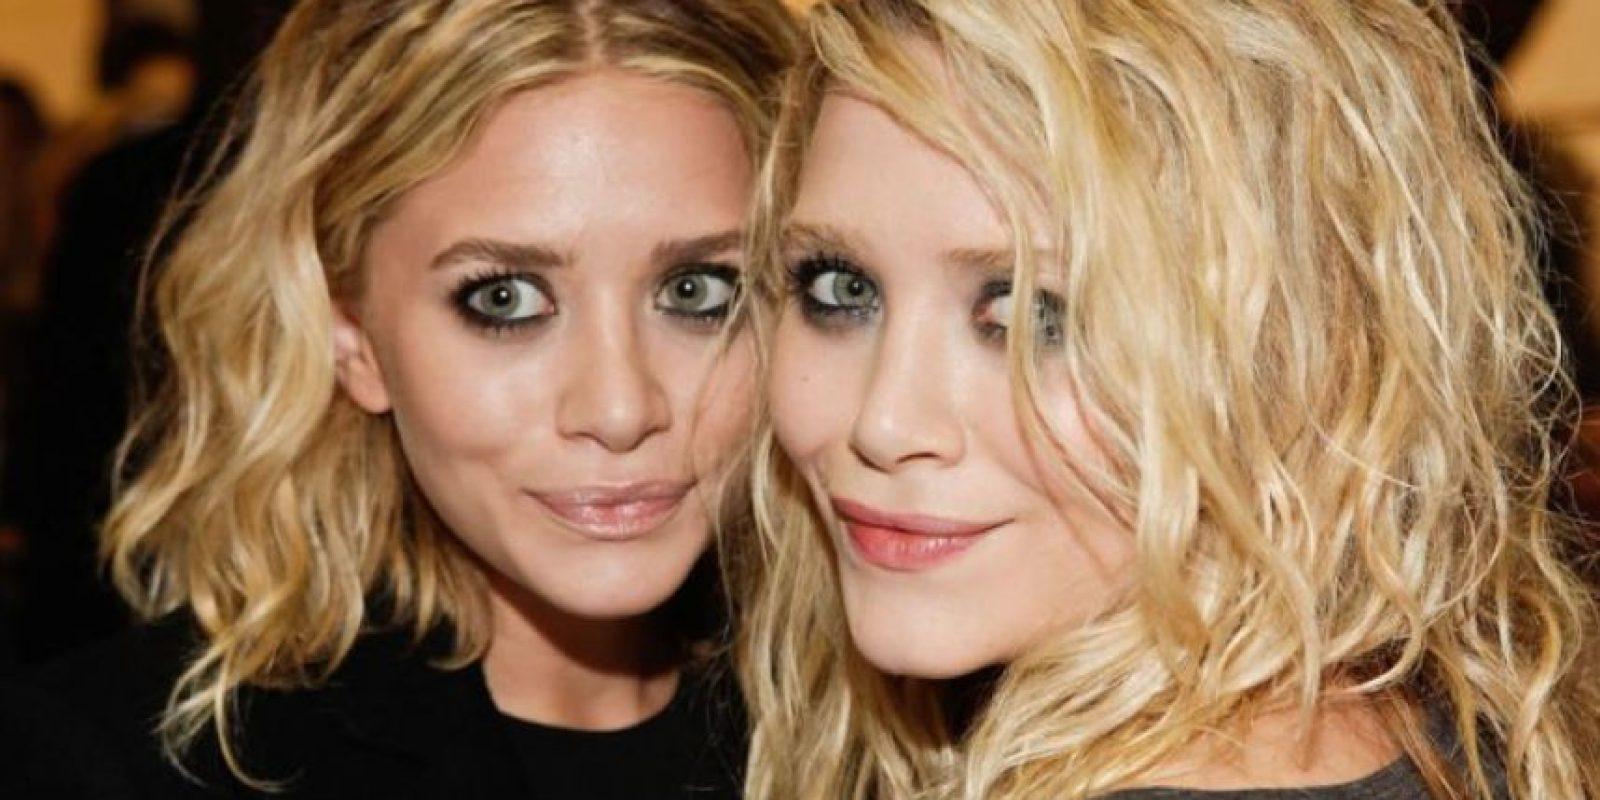 Pero a medida que crecieron y su compañía de moda se expandió, ellas cambiaron radicalmente de apariencia. Foto:vía Getty Images